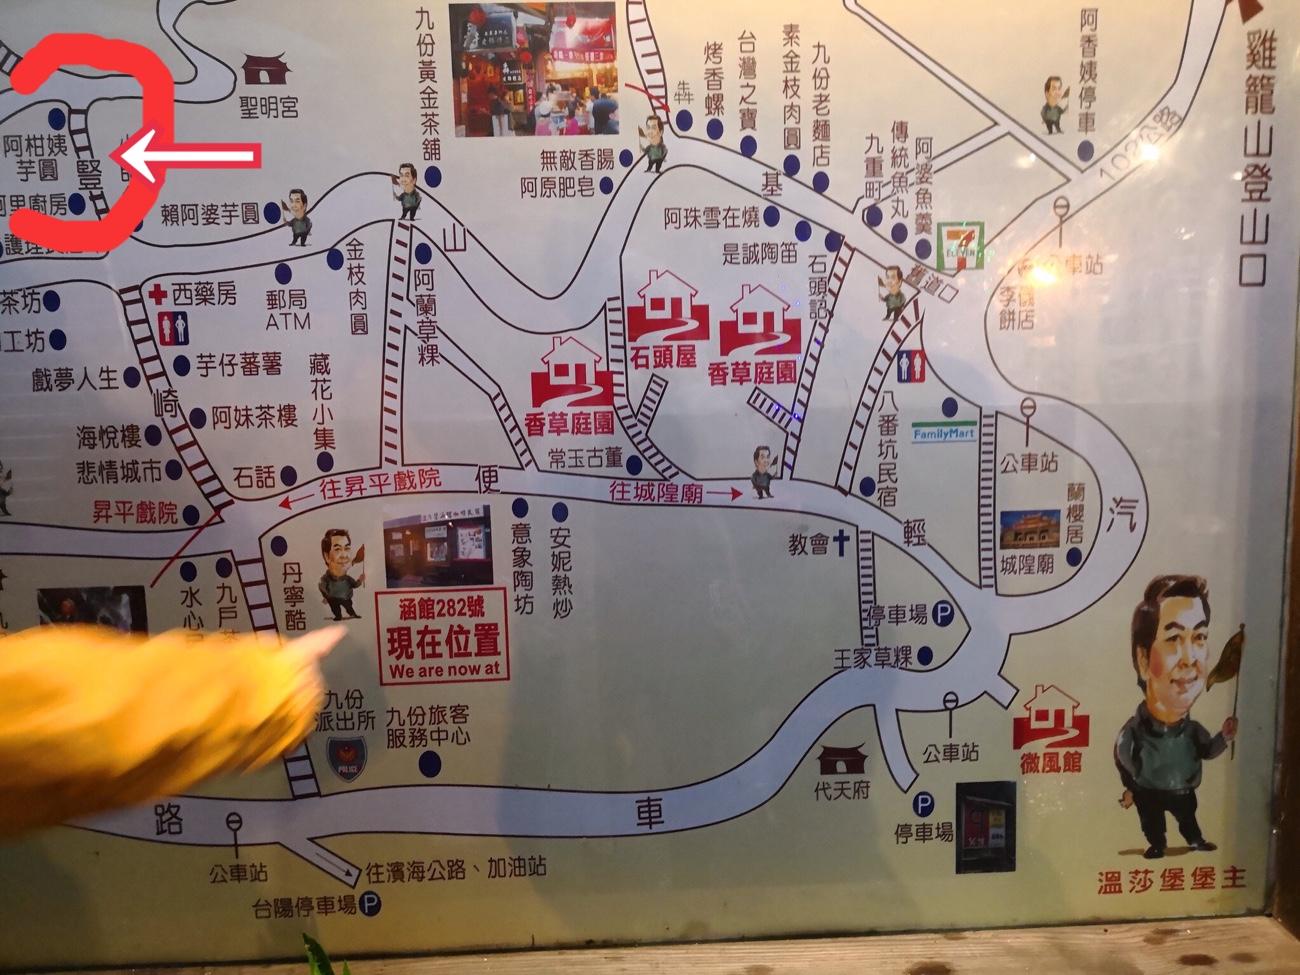 芋団子 阿柑姨芋圓の場所 九份グルメ・カフェ